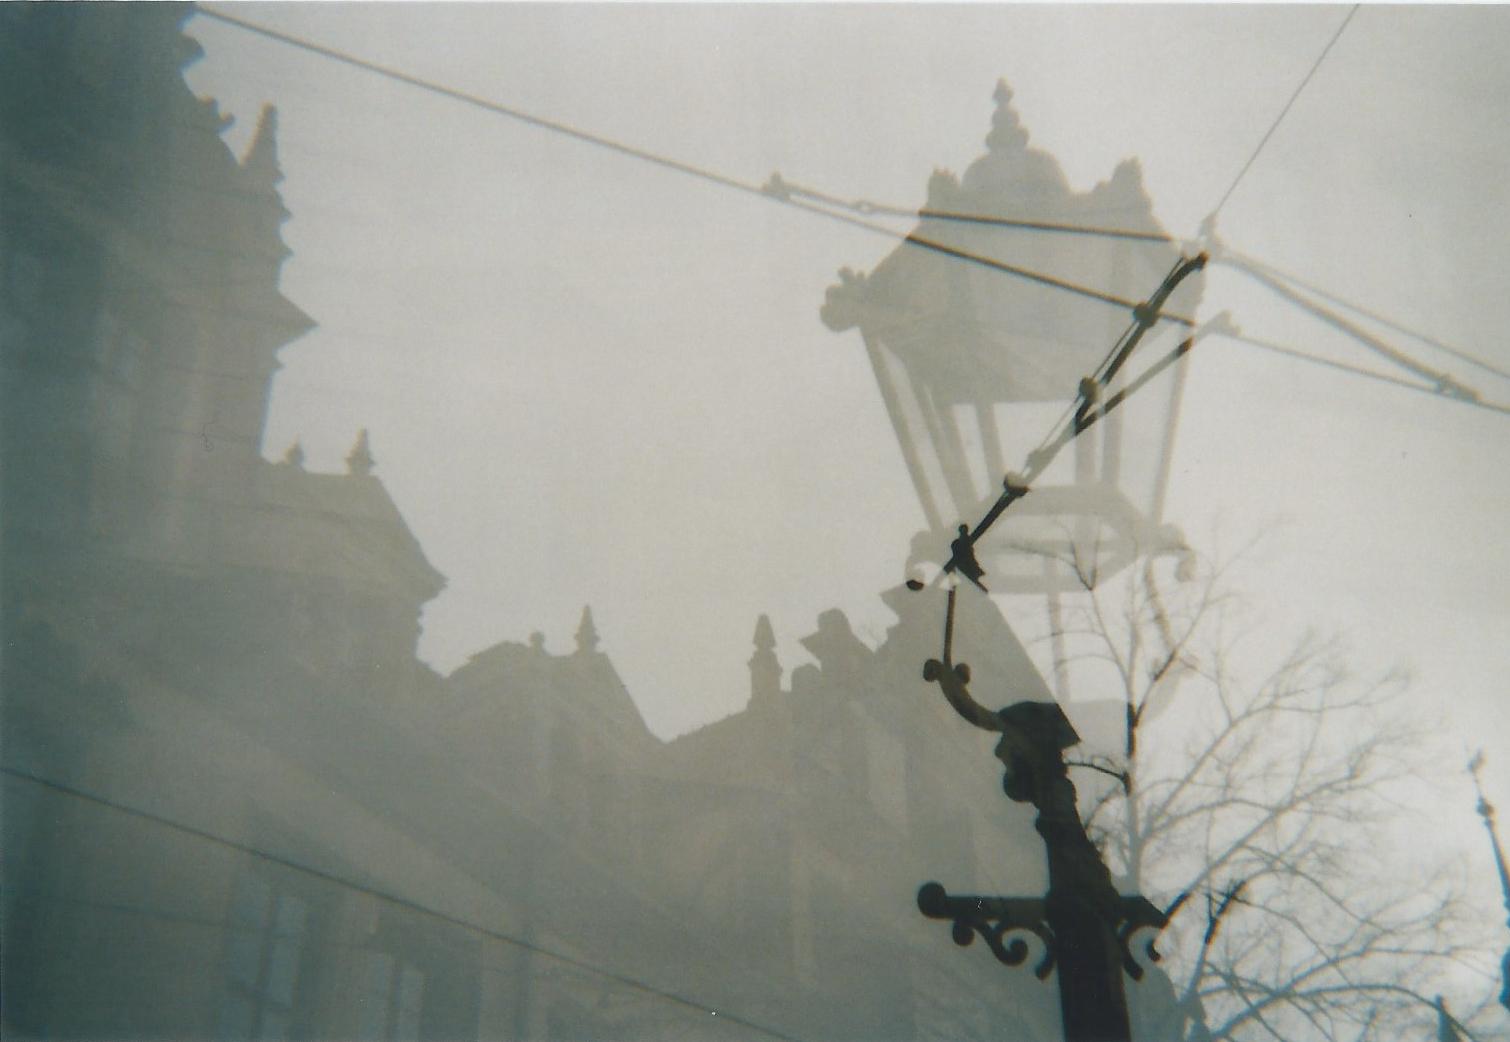 Doppelbelichtung von Häuserfront und einer alten Straßenlaterne